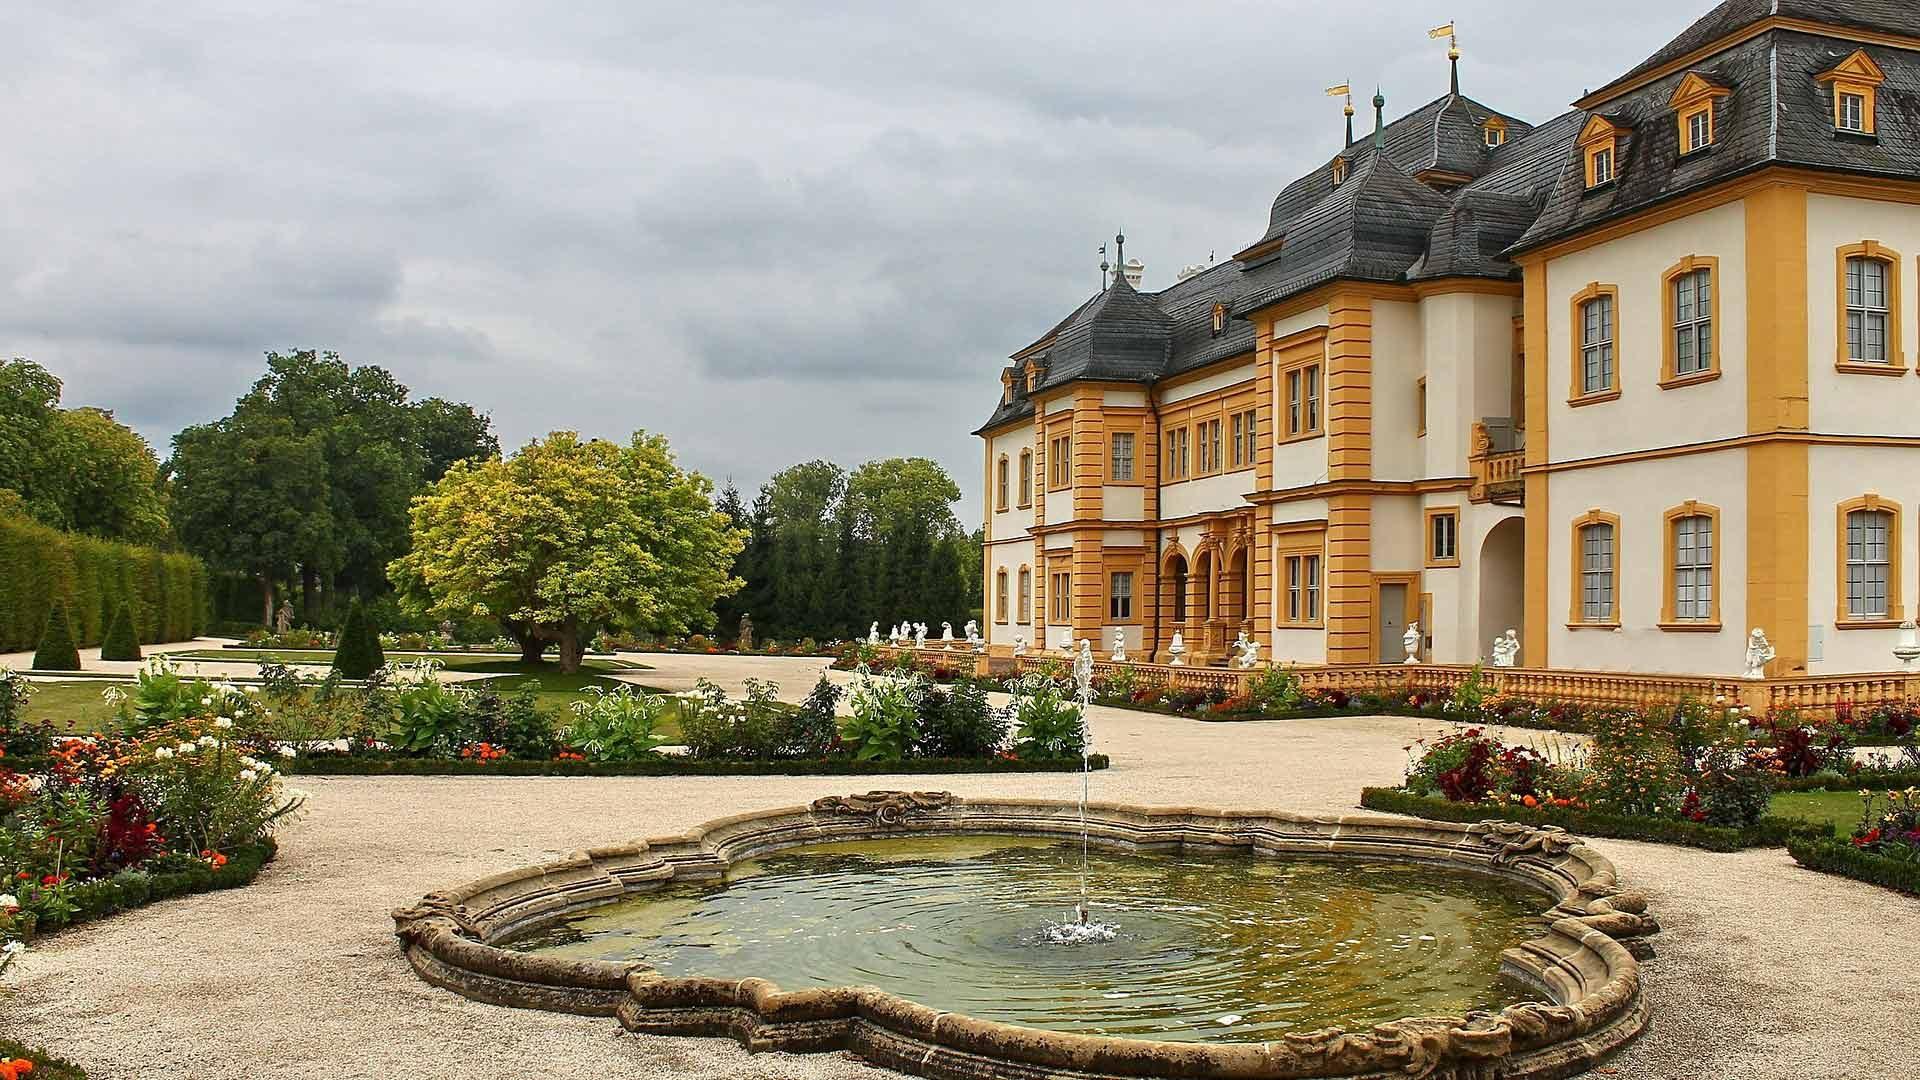 Schloss Veitshoechheim heeft ook een prachtige tuin in Franse stijl